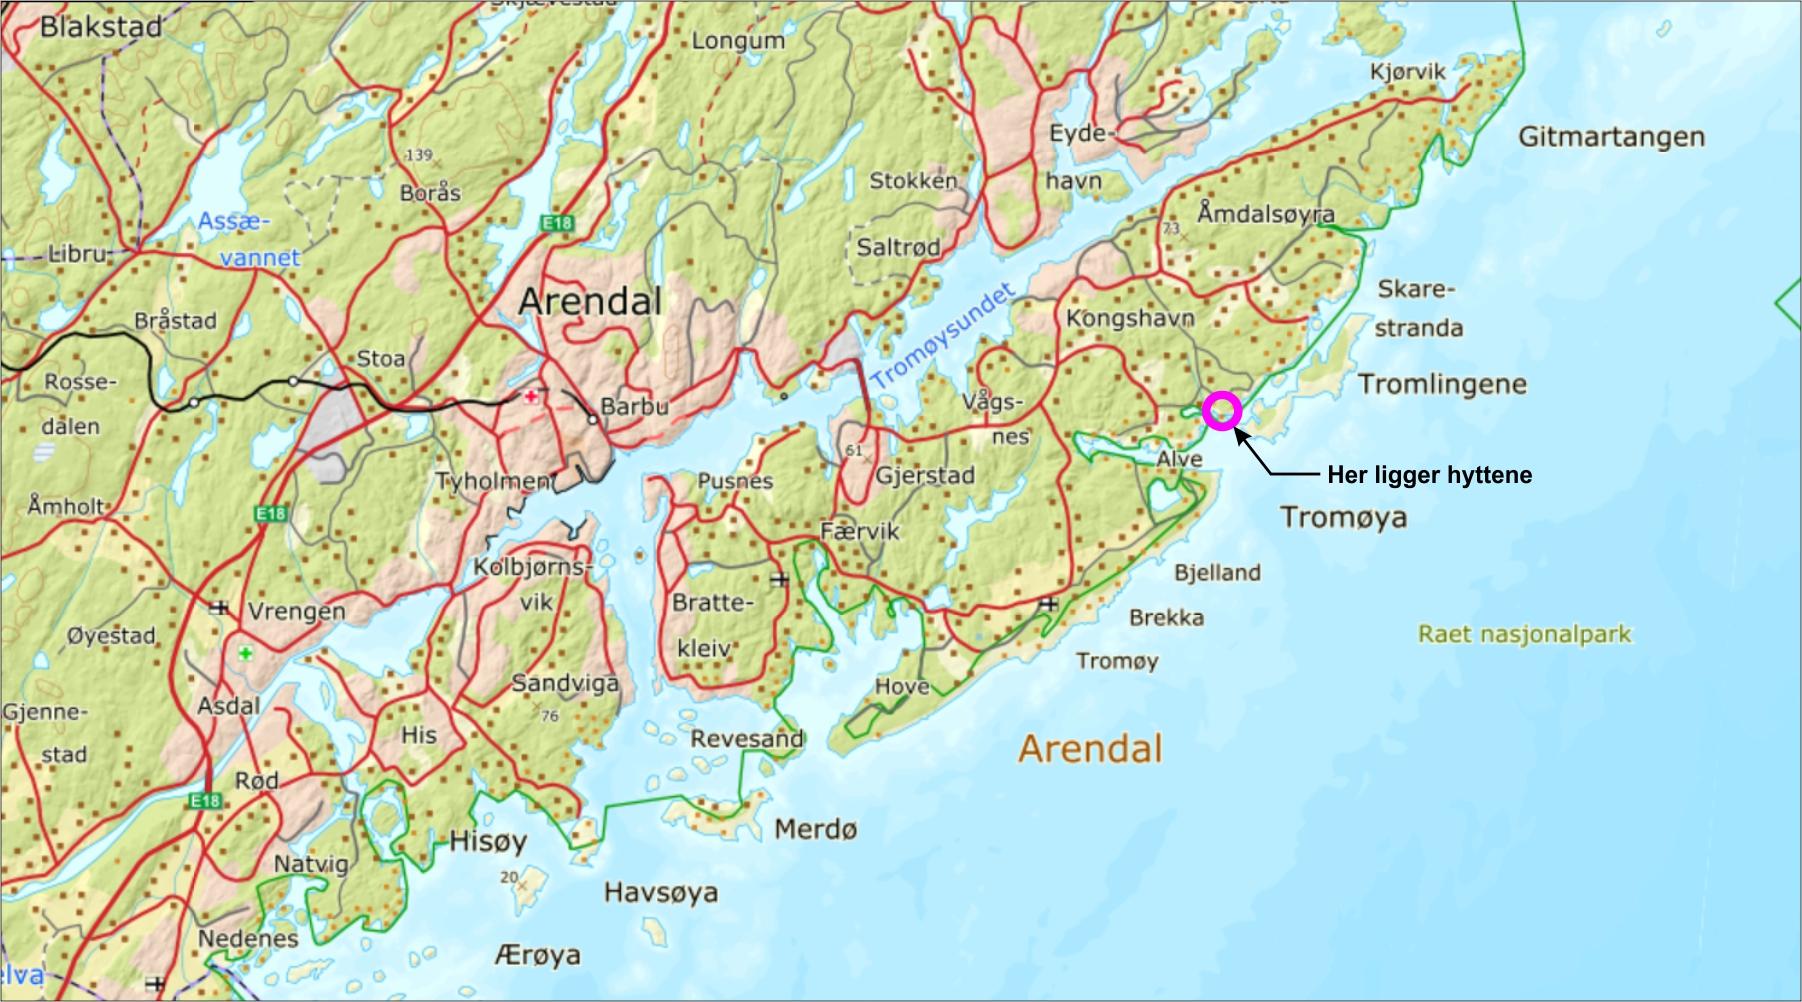 kart sørlandskysten Alve – Lei drømmehytta midt mellom Blindleia og Lyngør kart sørlandskysten